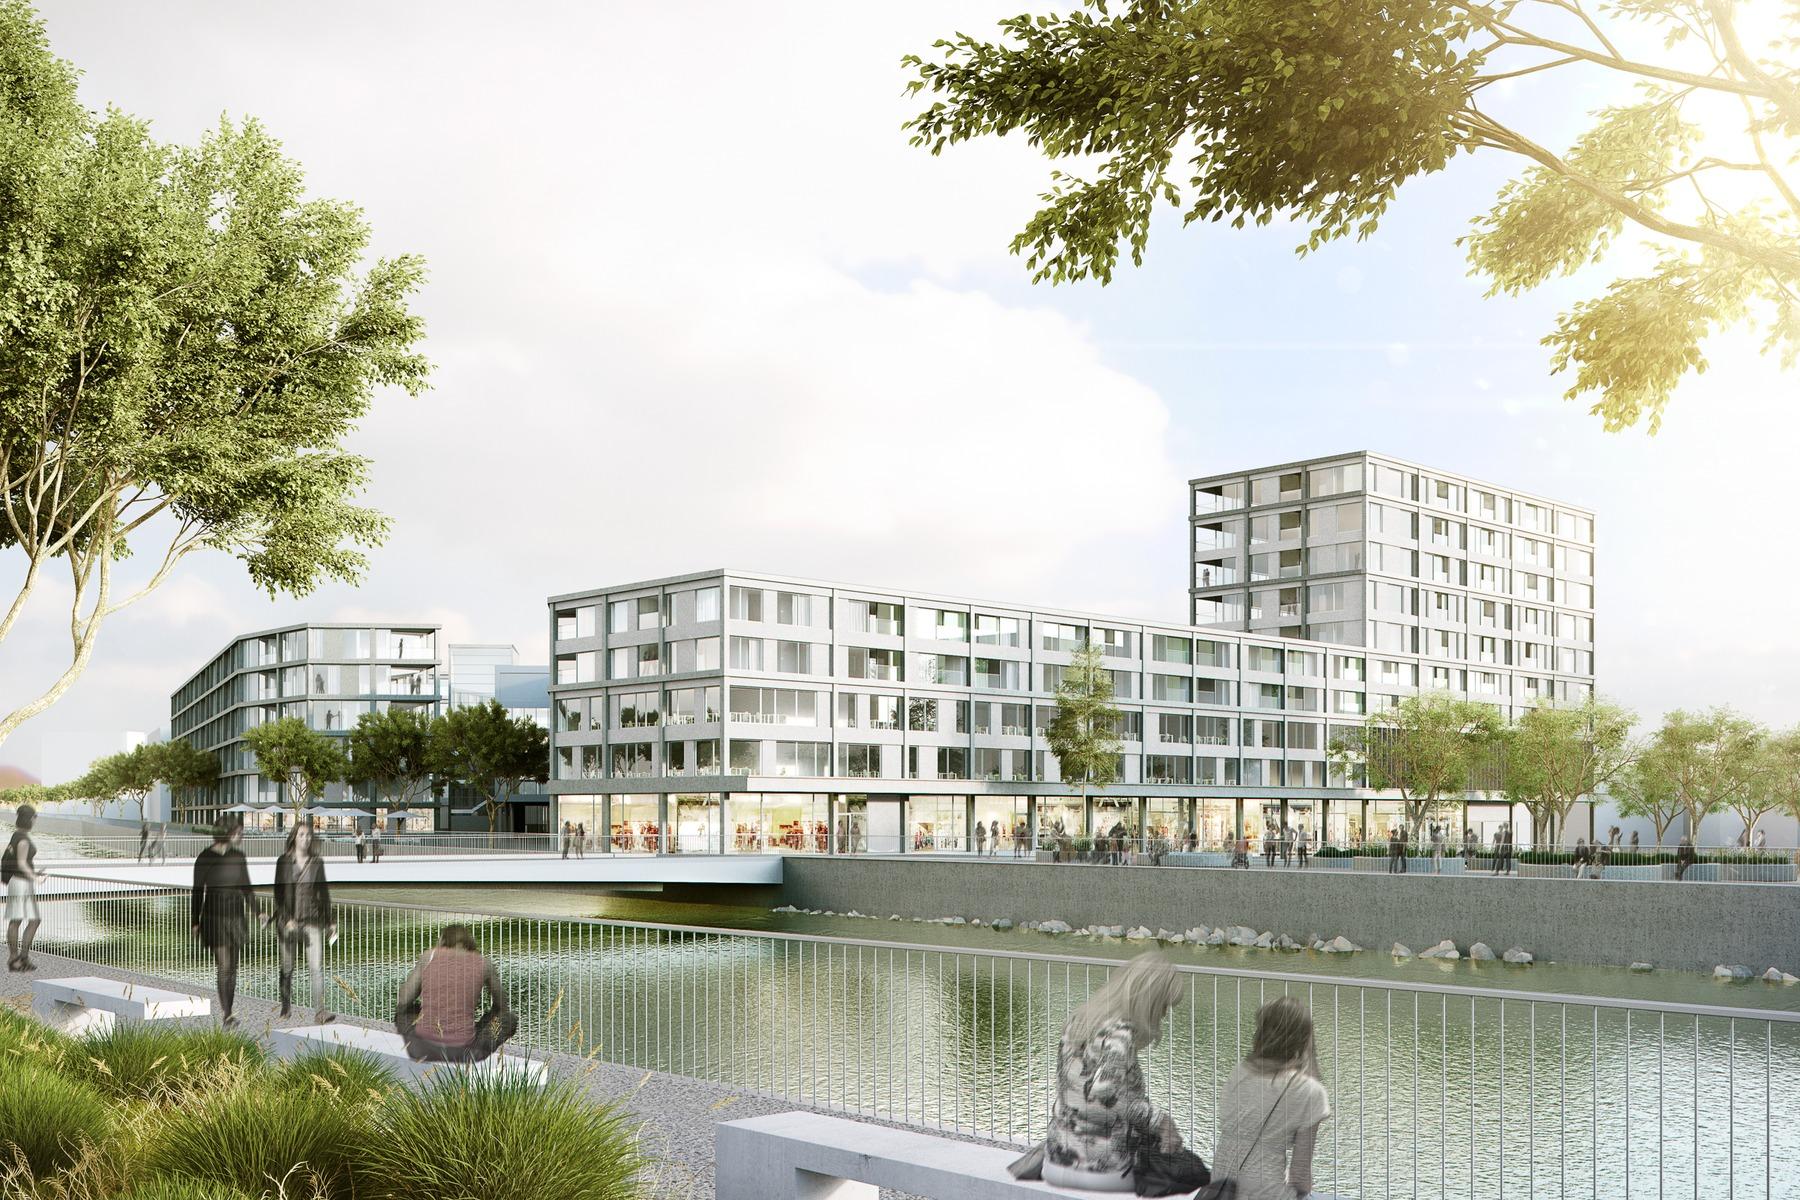 Centrum Seetalplatz Emmen - rendertaxi